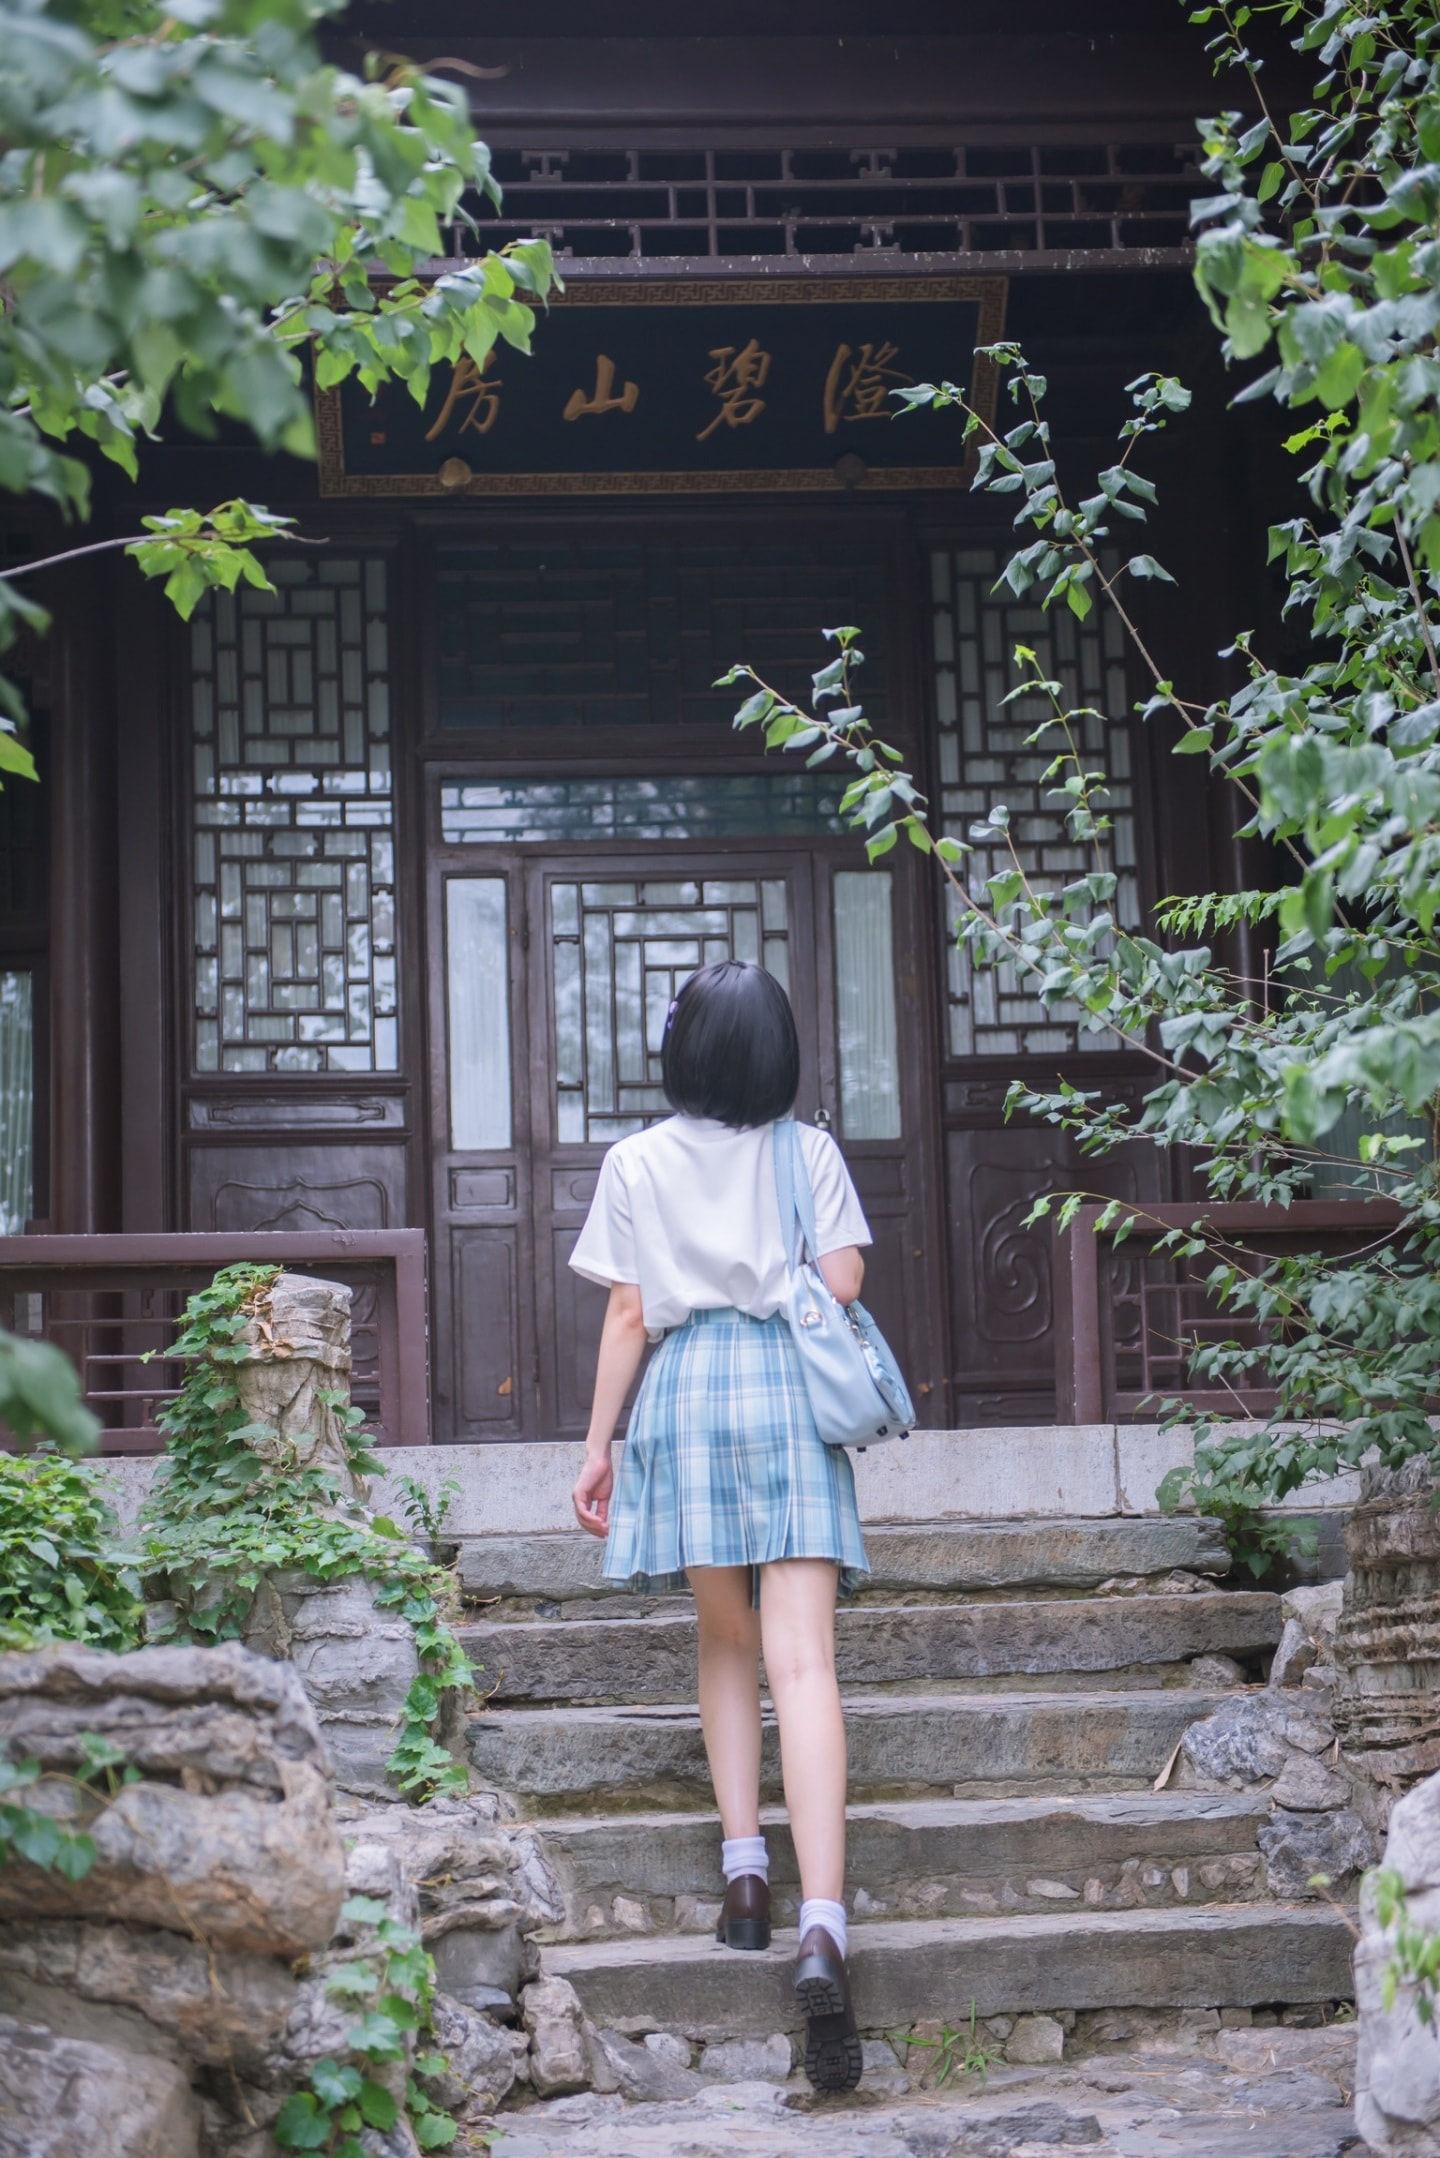 jk日常 穿上格裙,出门看风景啦